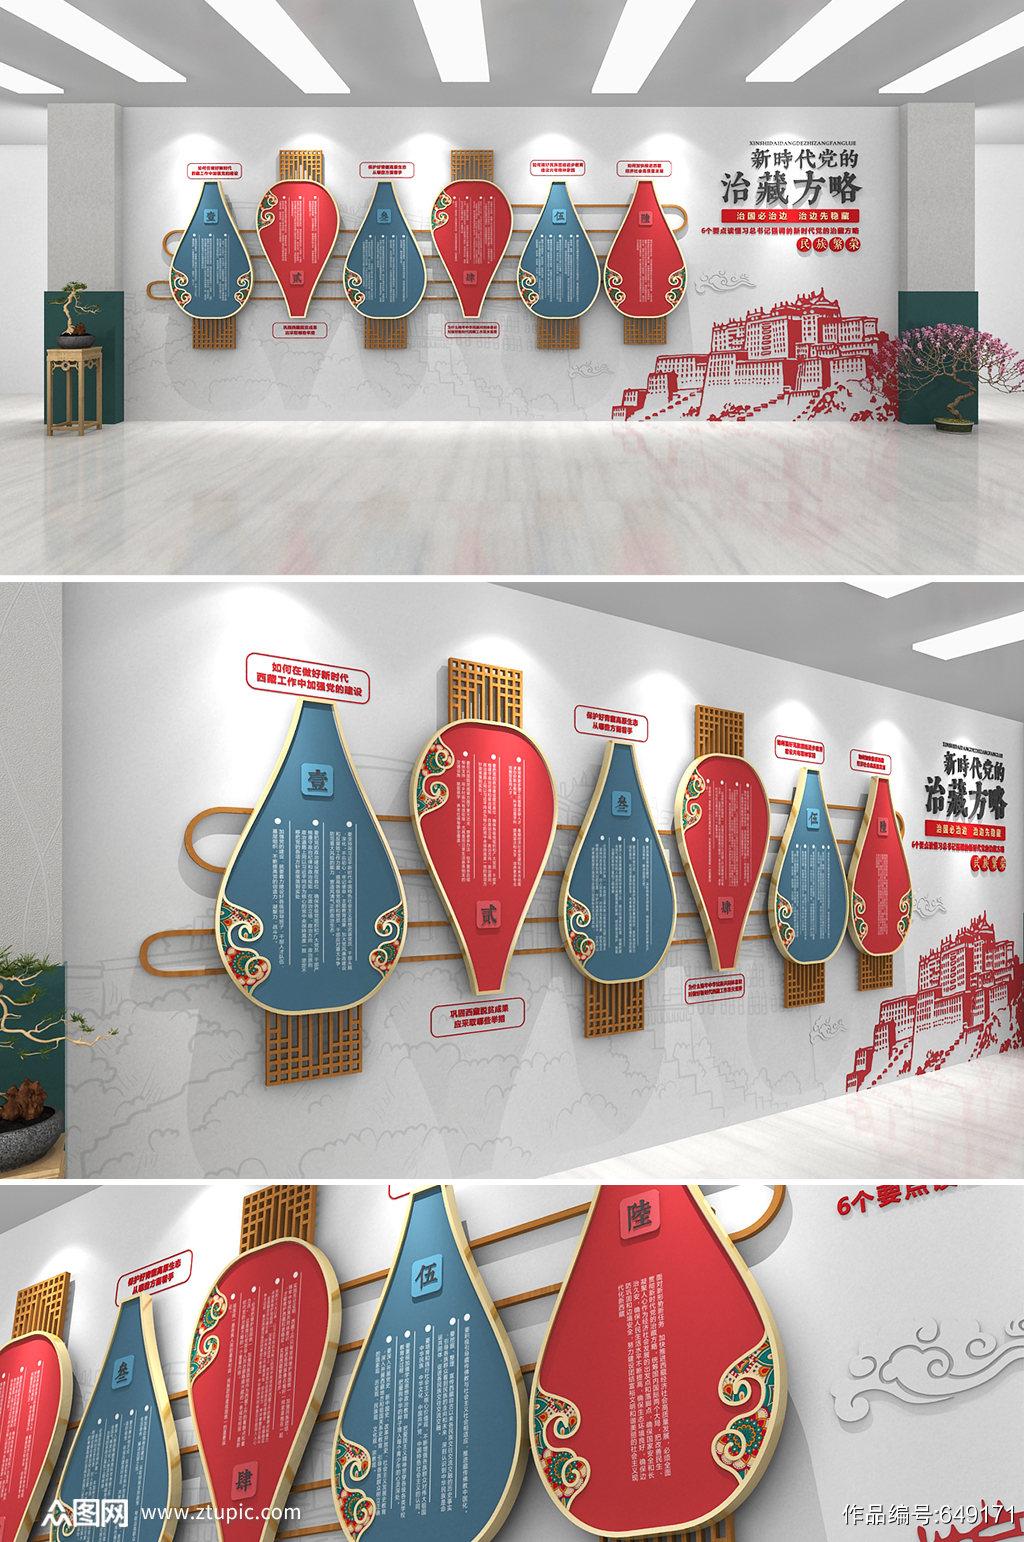 花瓶民族创意新时代党的治藏方略方针西藏党建文化墙素材